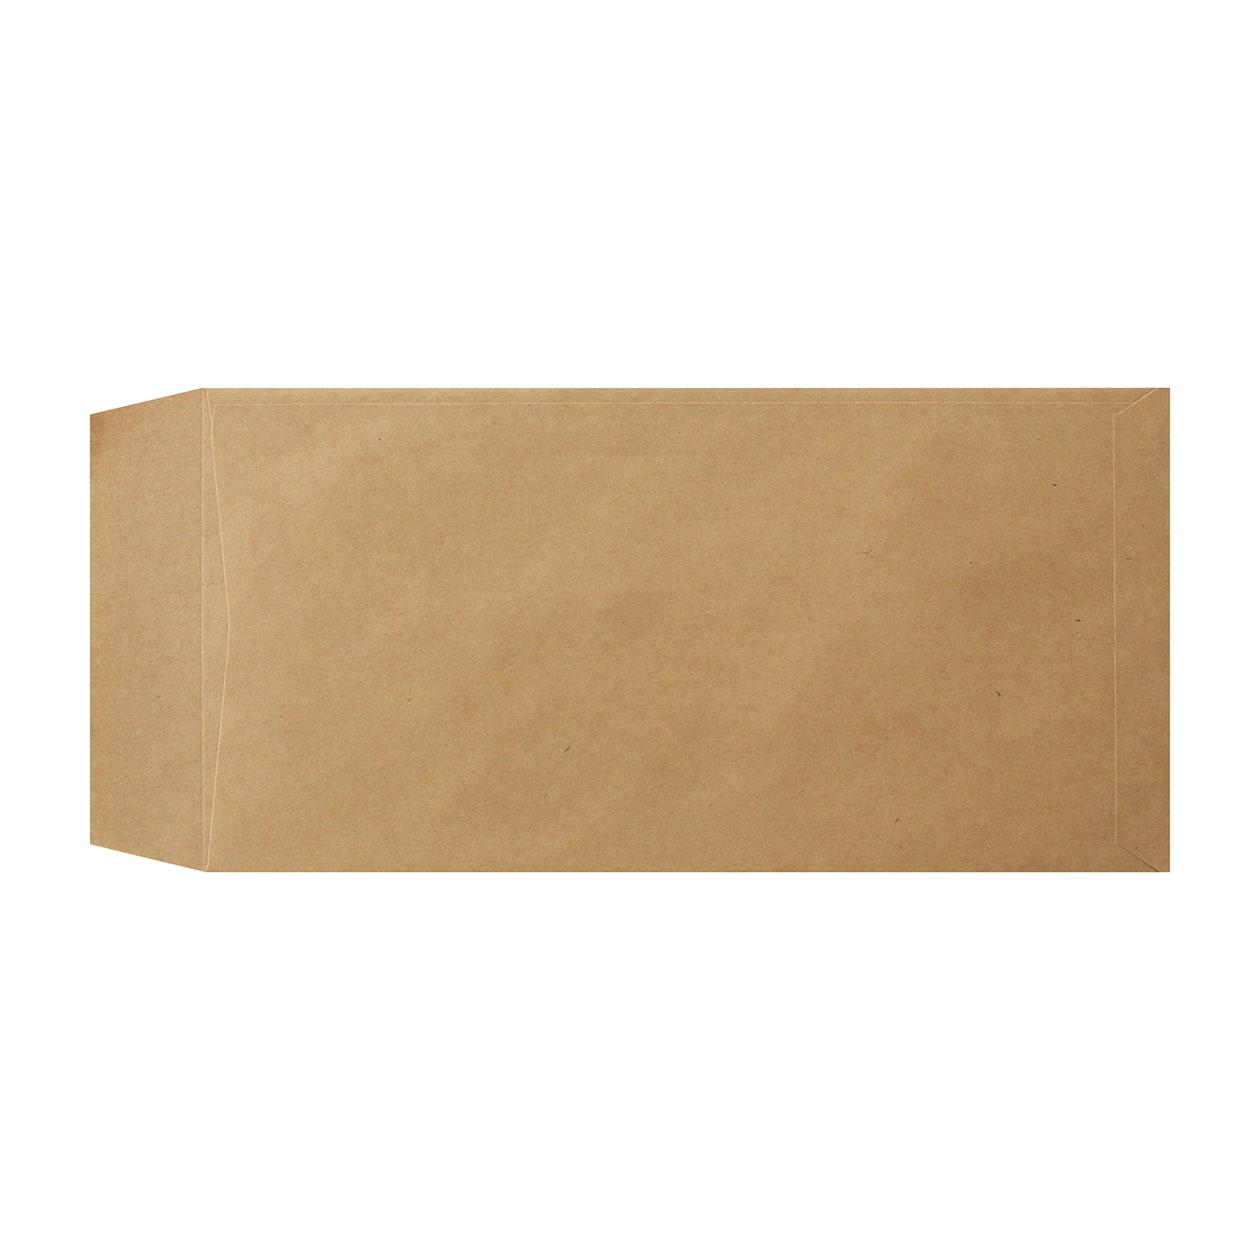 サンプル 封筒・袋 00002